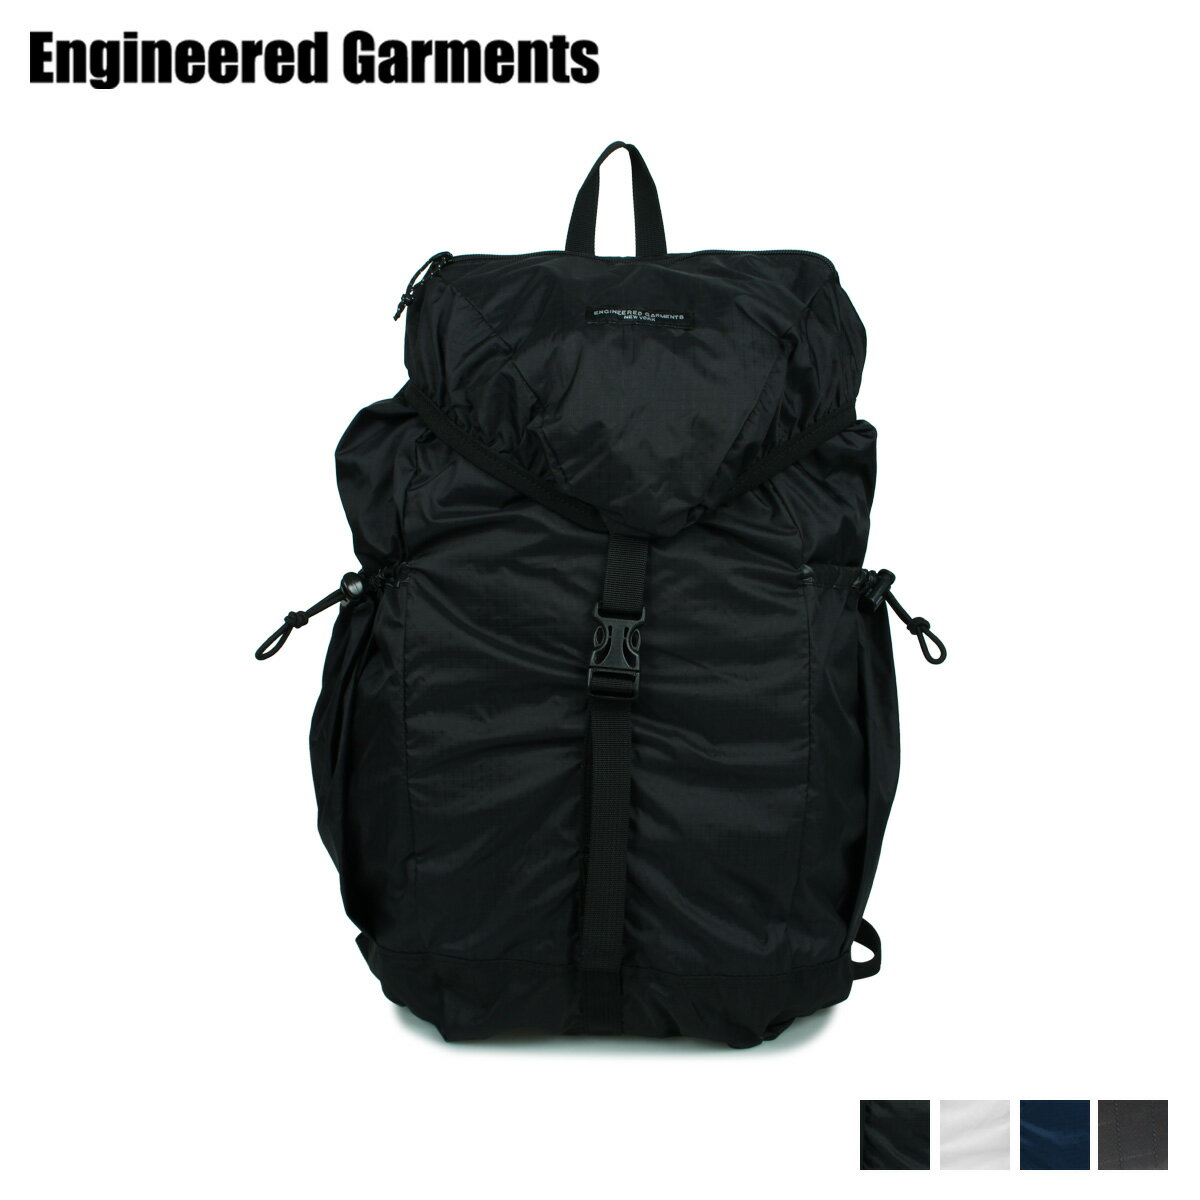 男女兼用バッグ, バックパック・リュック 1000OFF ENGINEERED GARMENTS UL BACKPACK 20F1H020